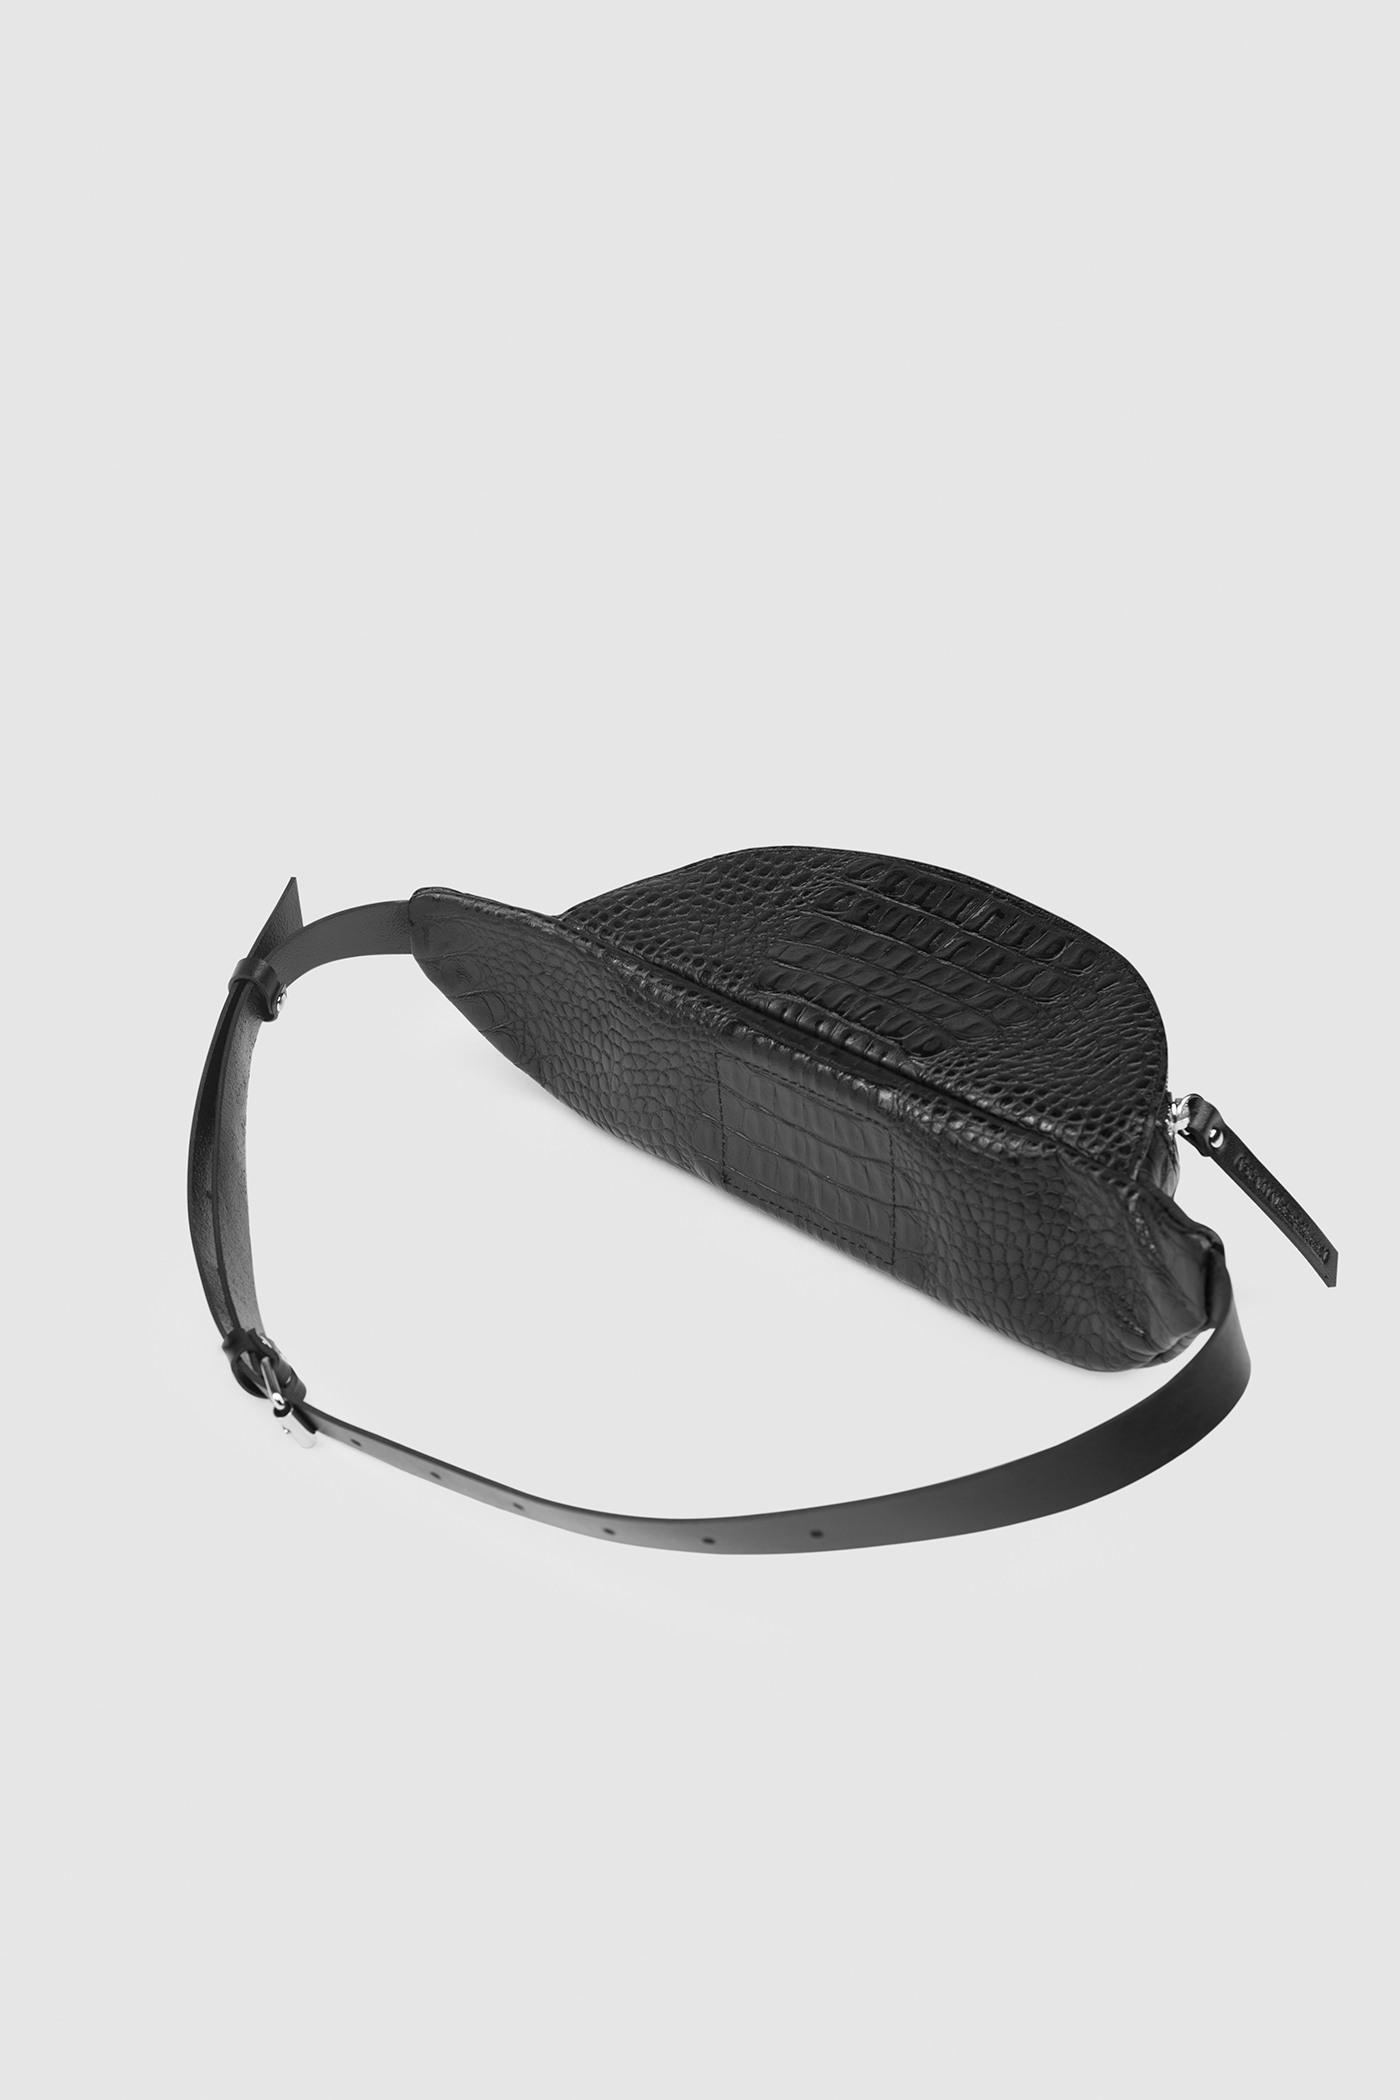 Сумка на поясНебольшая поясная сумка с полукруглыми краями&#13;<br>&#13;<br>&#13;<br>закрывается на молнию&#13;<br>&#13;<br>размер 30х14х10 см max&#13;<br>&#13;<br>можно носить как сумку на плечо, и как пояс на талии и бедрах&#13;<br>&#13;<br>длина ремня регулируется, максимальная длина в обхвате - 105 см, минимальная - 60 см<br><br>Цвет: Чёрный крокодил, Белый крокодил